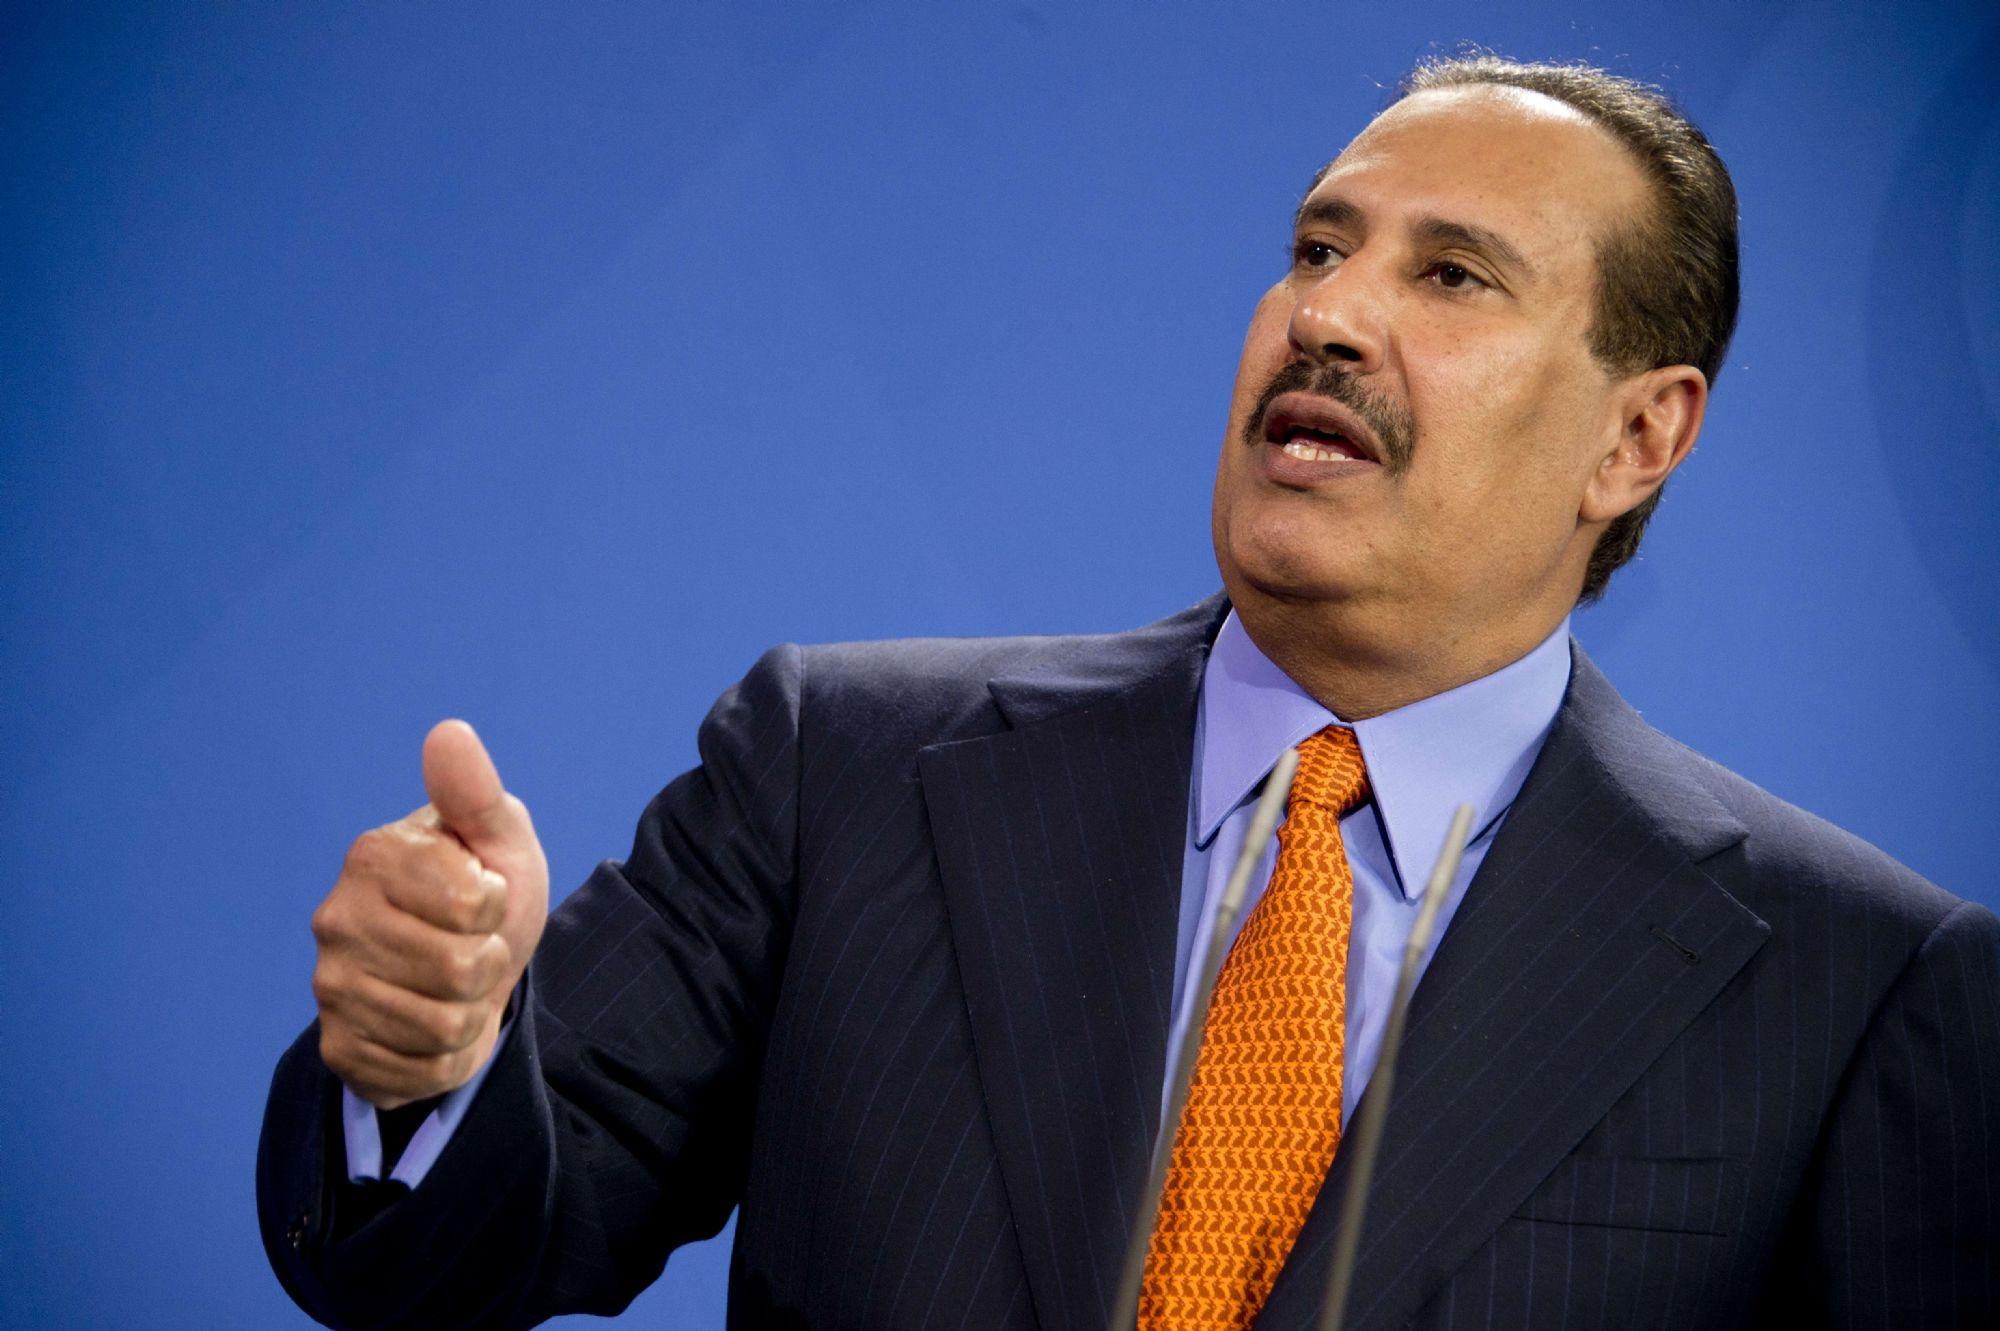 حمد بن جاسم يعلق على حوادث قرصنة وتفجير السفن التجارية في الخليج